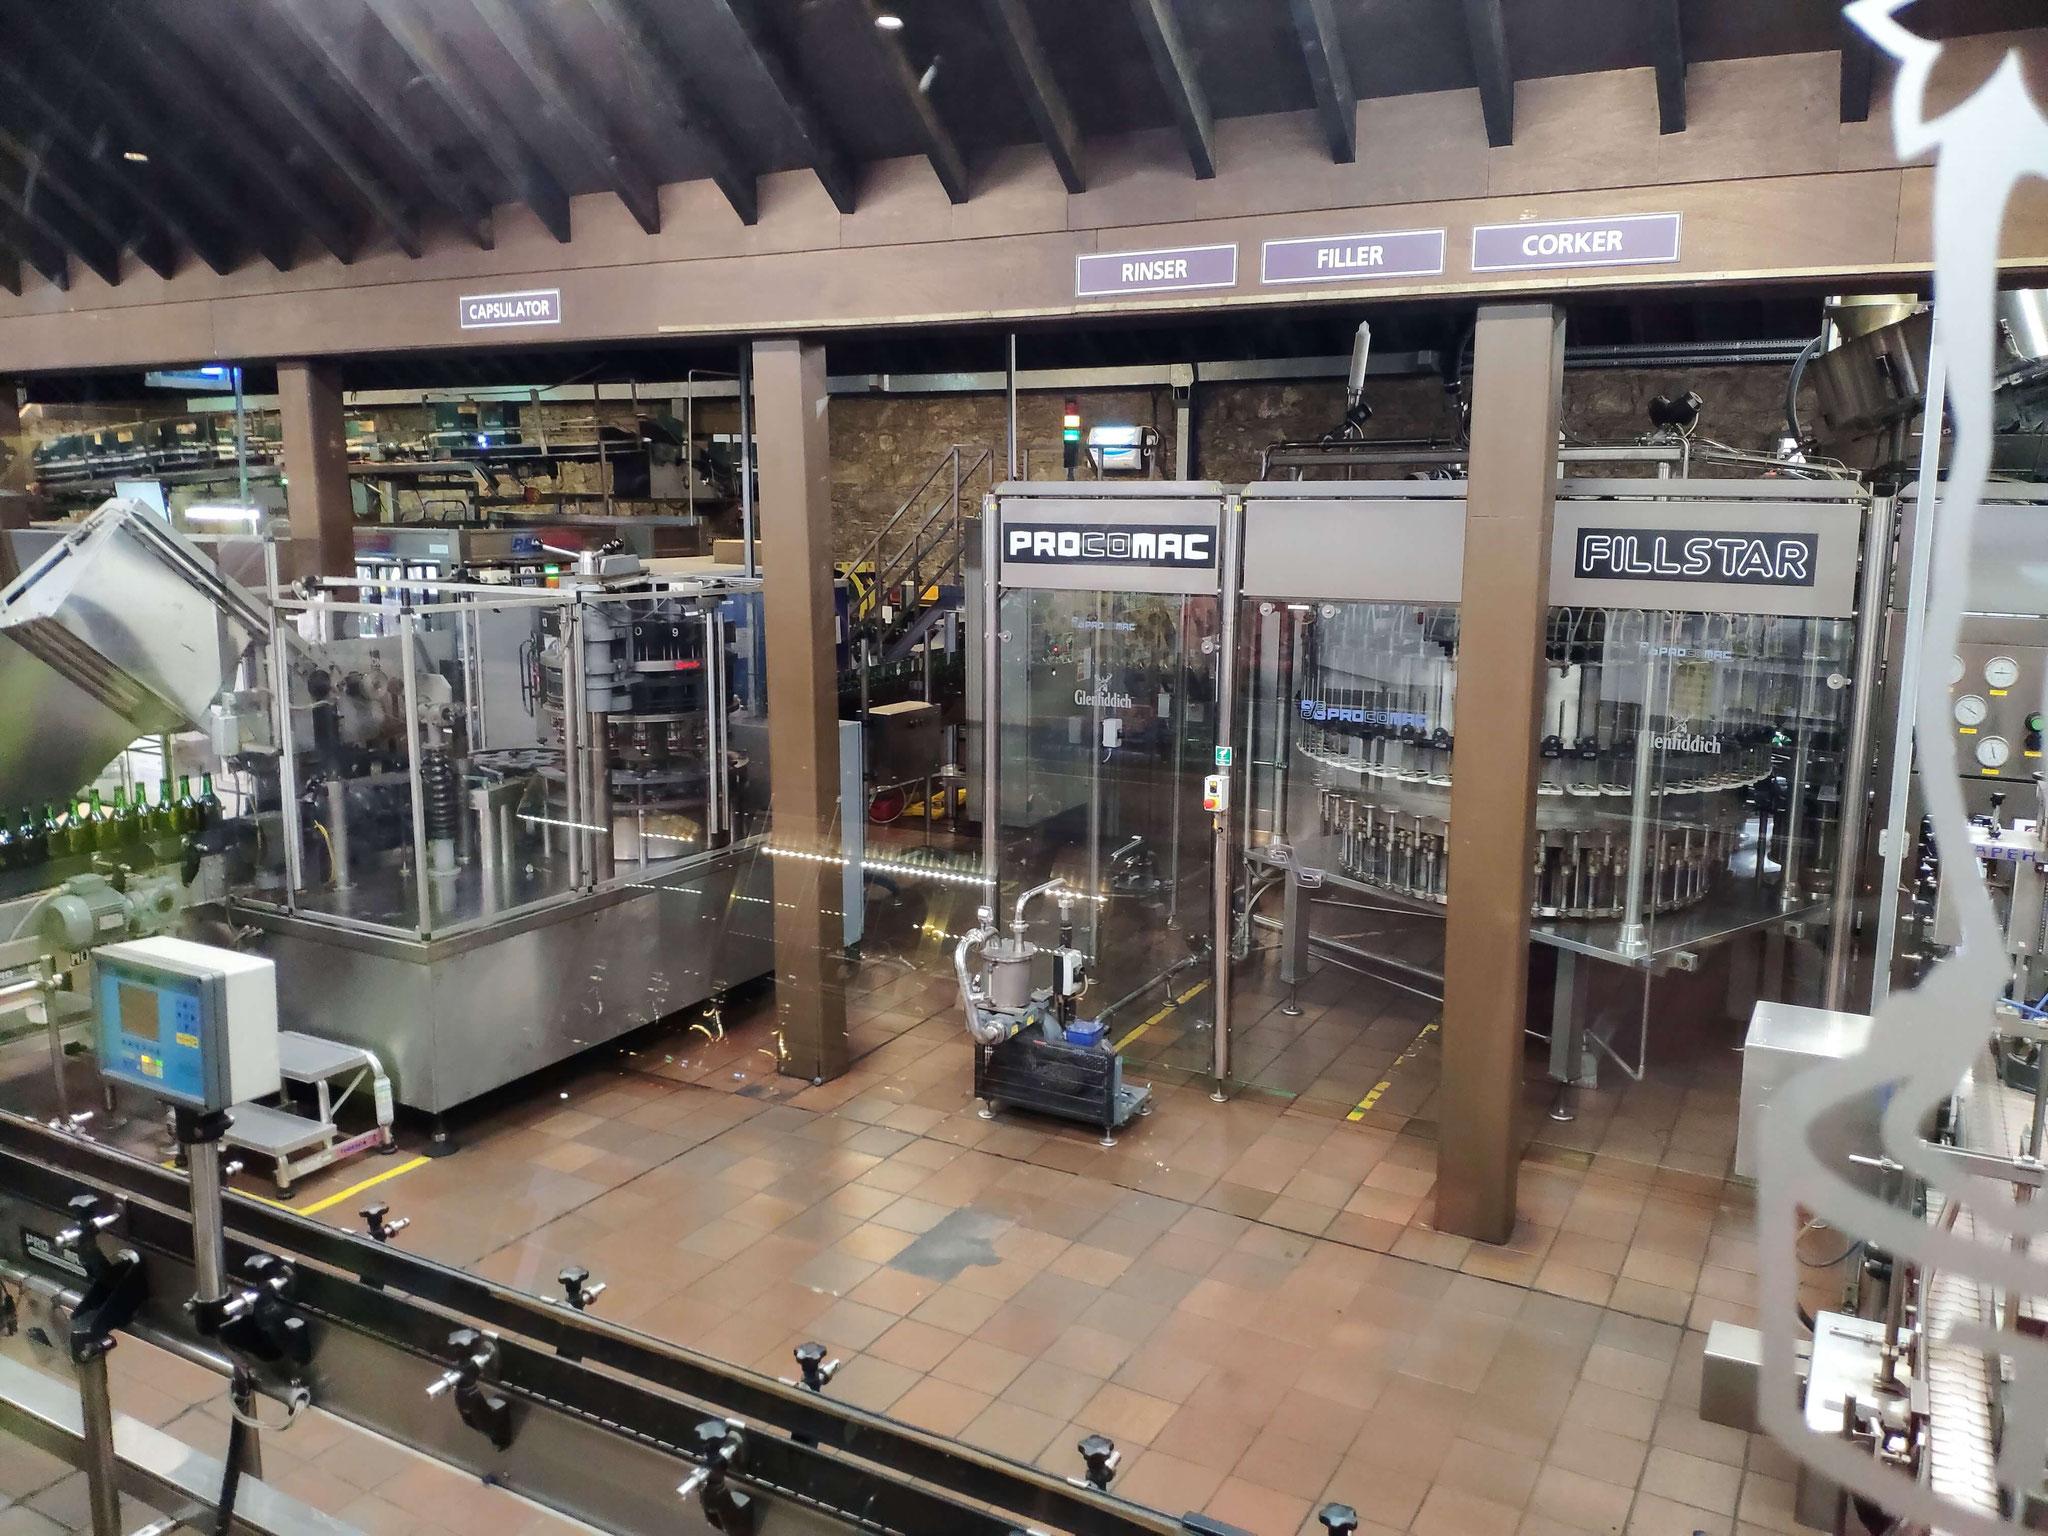 Ein Großteil der Produktion wird vor Ort abgefüllt. Hier 1 Liter Flaschen 12 Jahre.